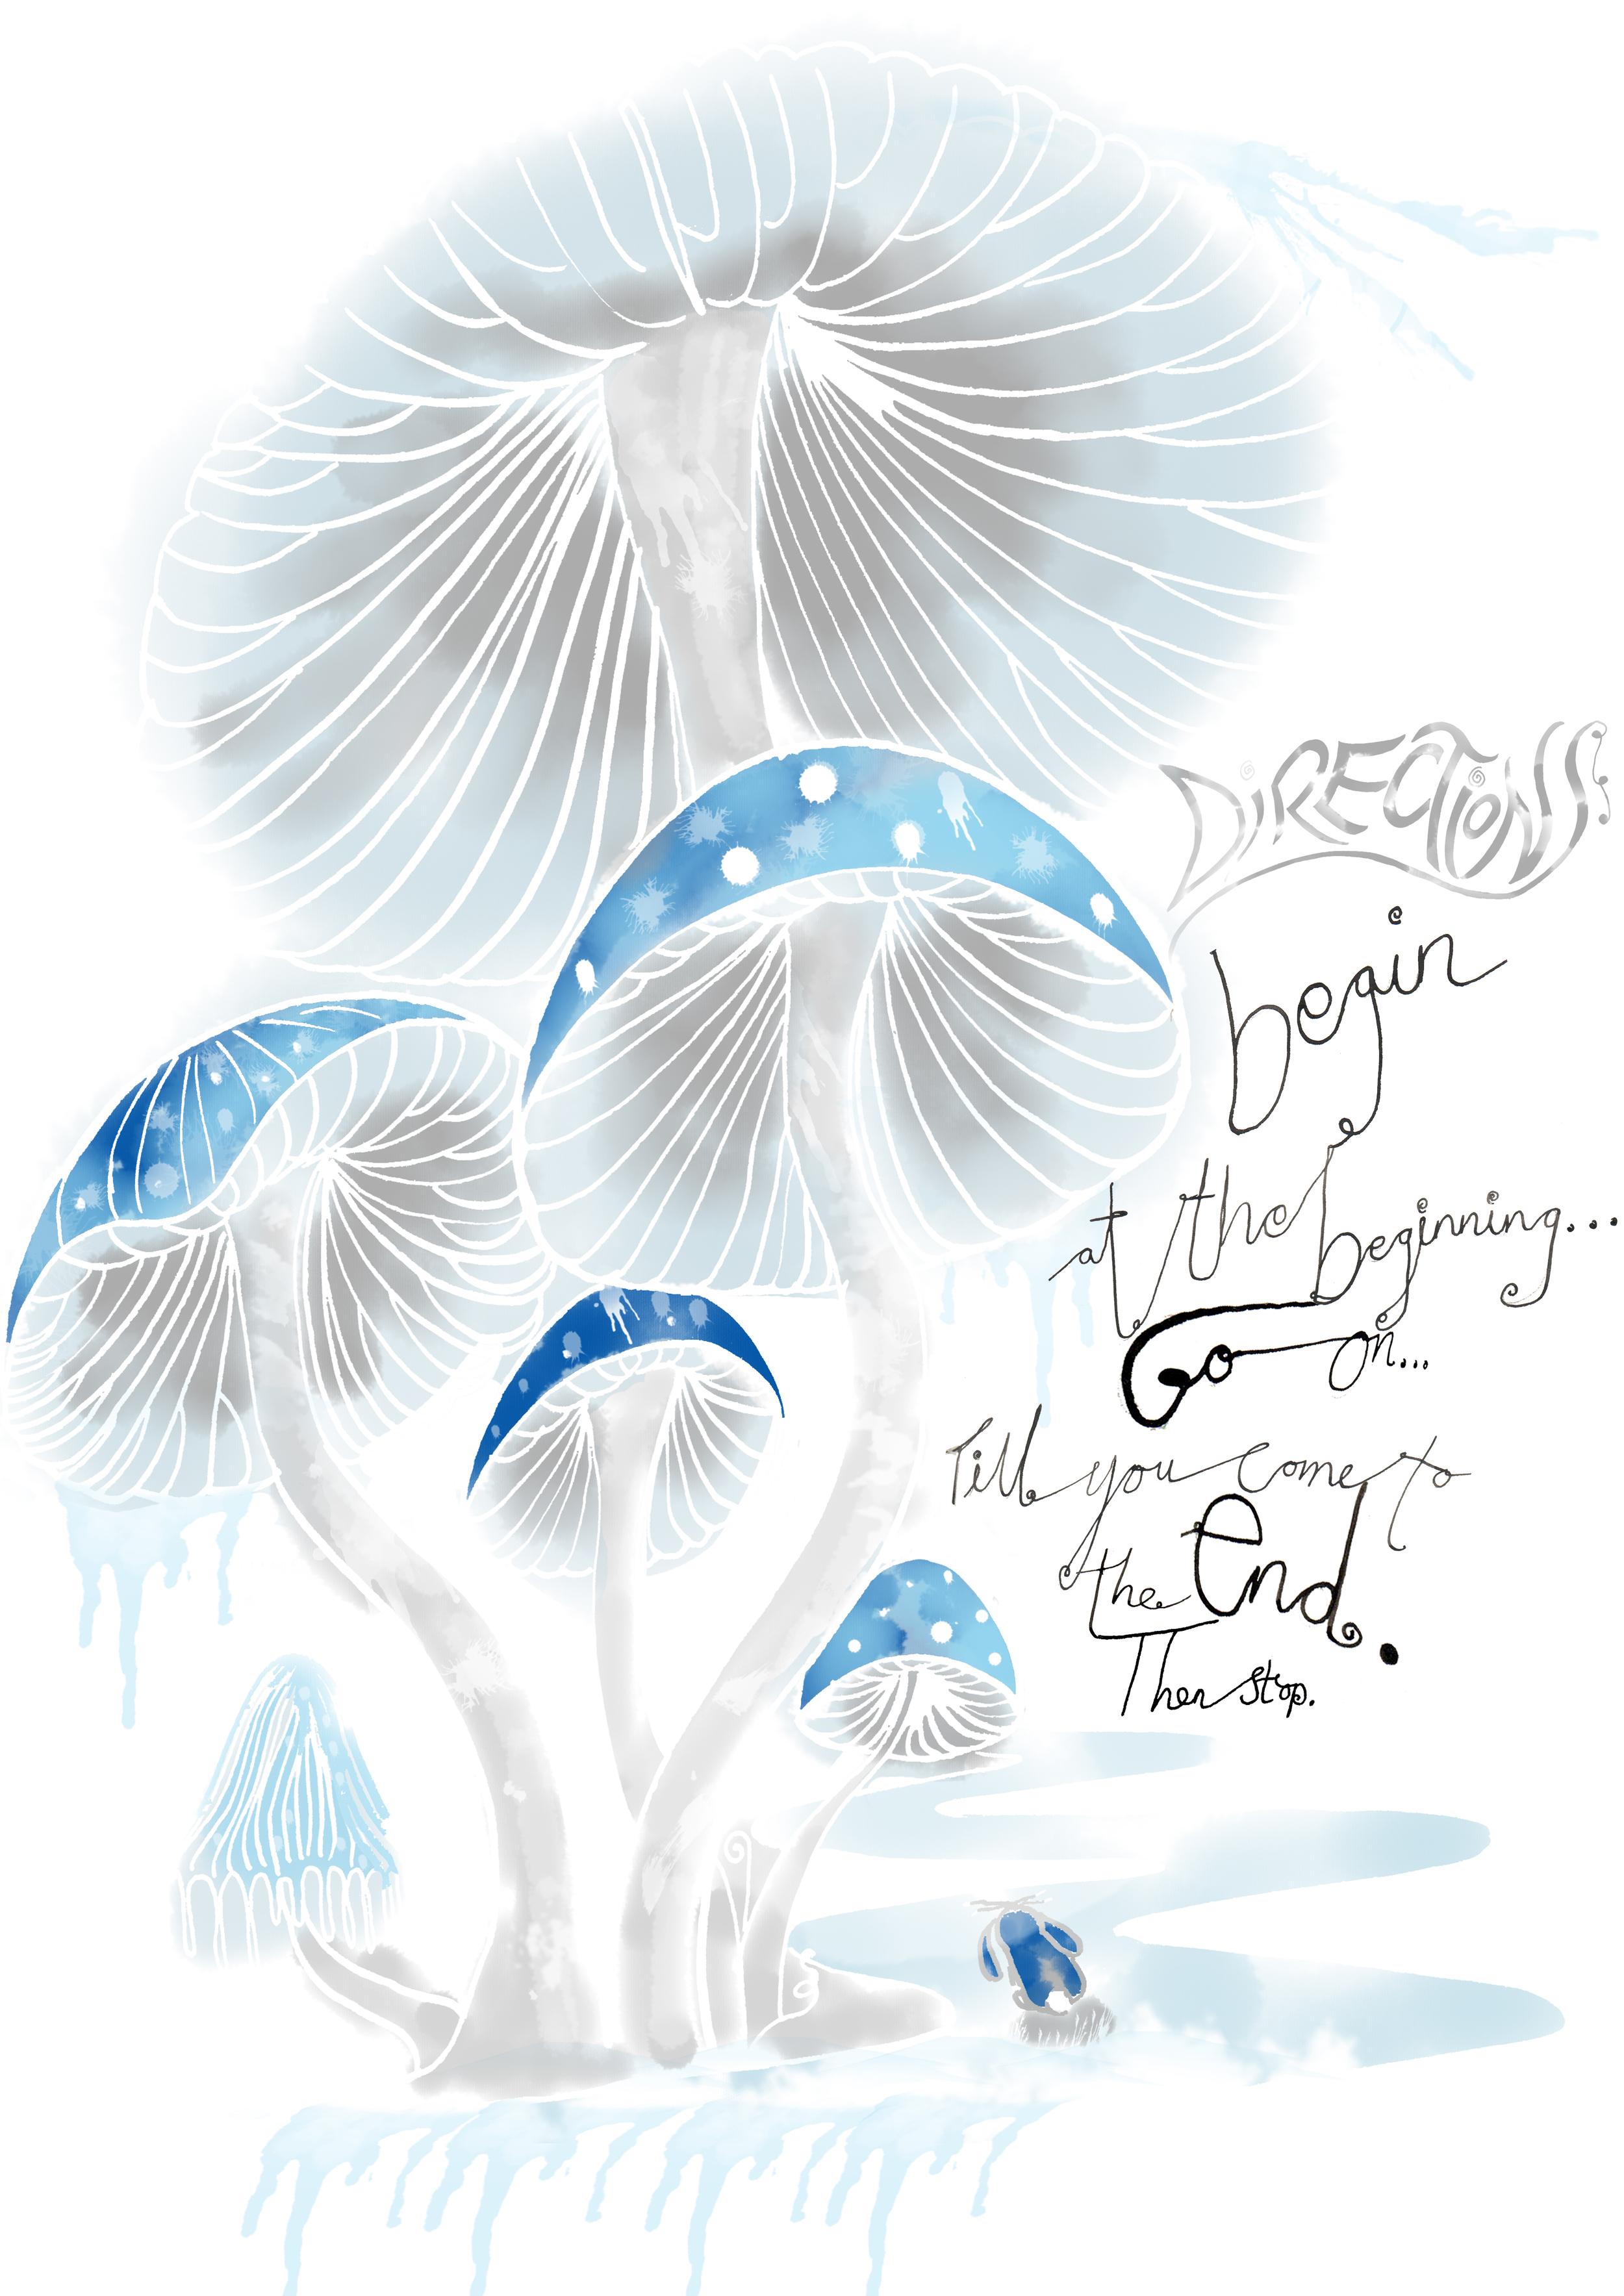 Alice_In_Wonderland_natalie_palmer_Sutton_illustration